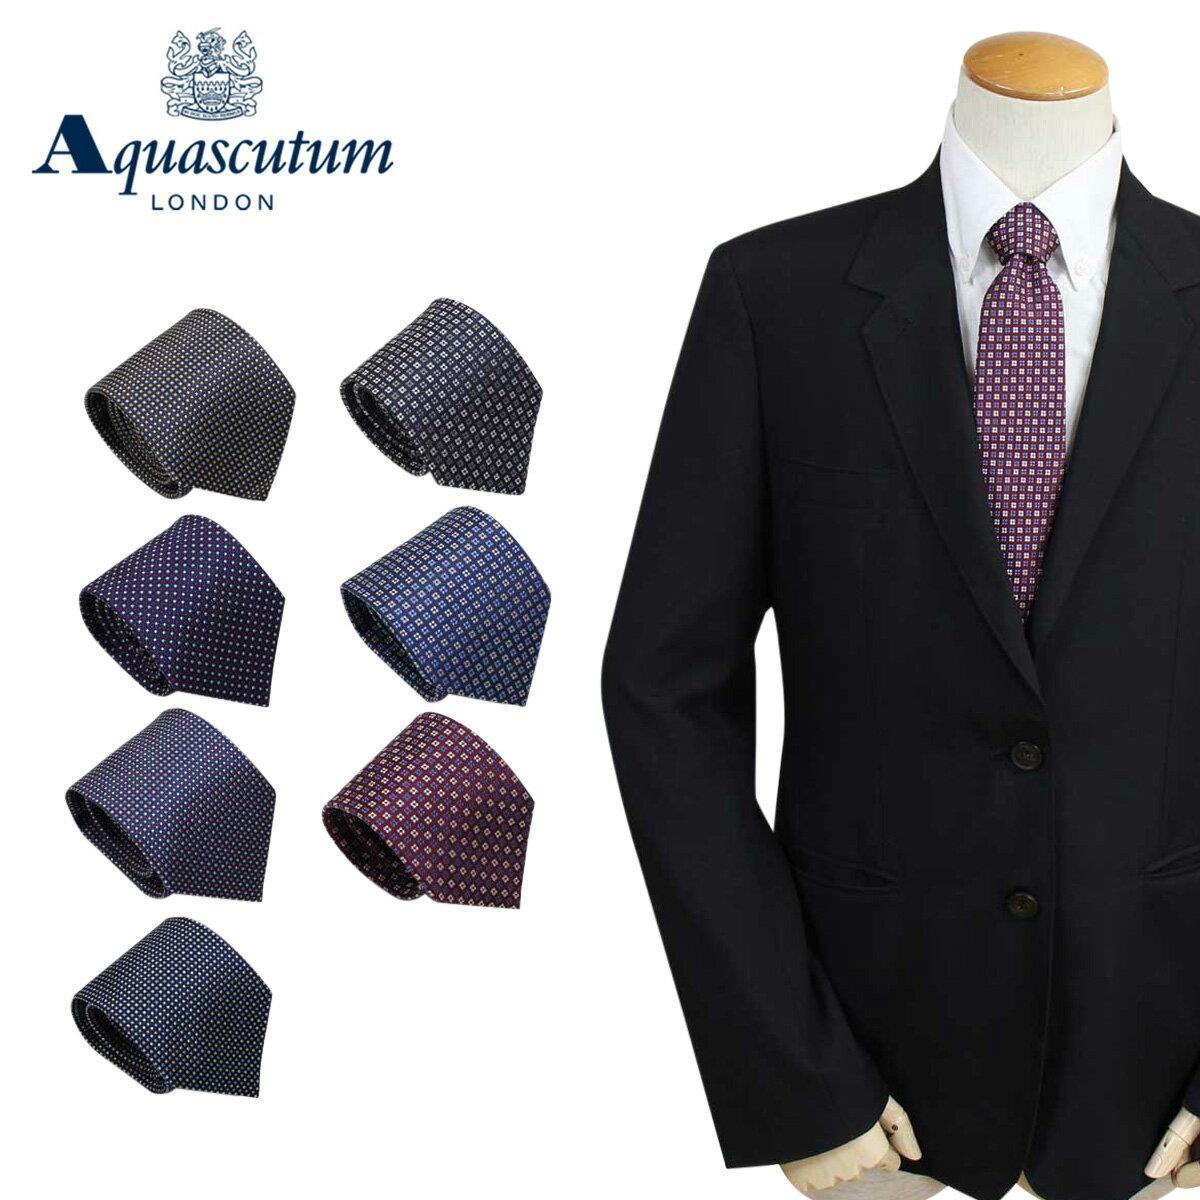 アクアスキュータム AQUASCUTUM ネクタイ イタリア製 シルク ビジネス 結婚式 メンズ [4/24 追加入荷]